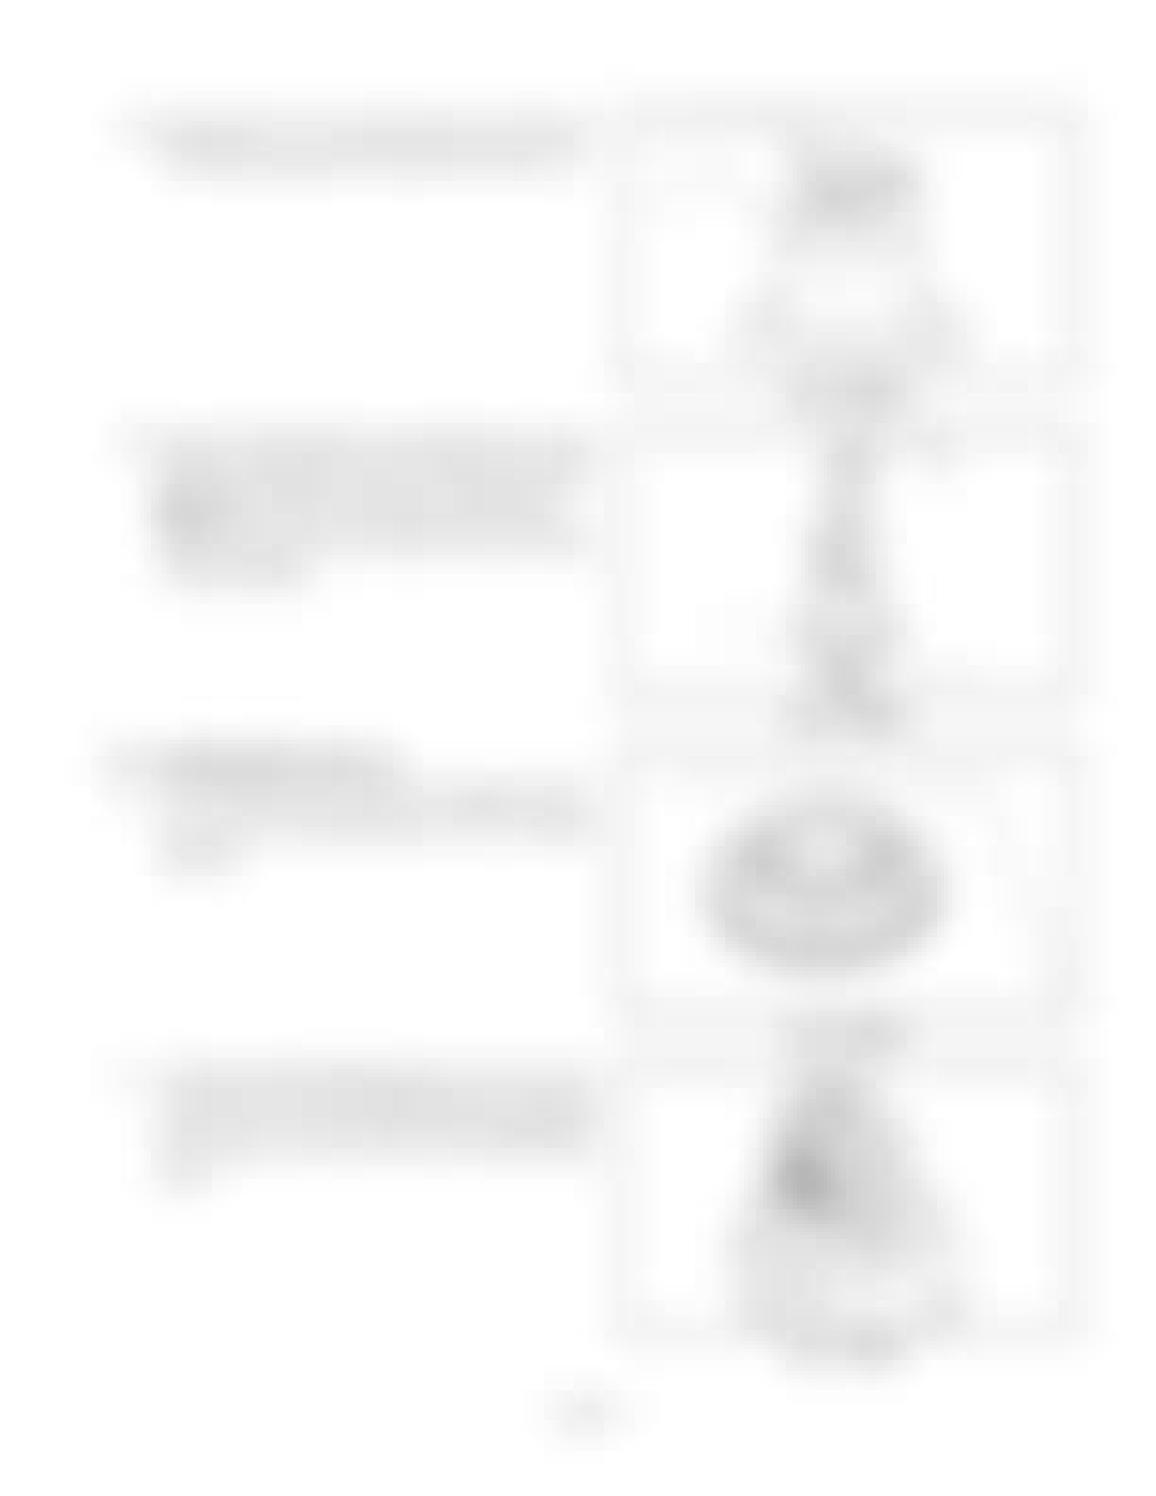 Hitachi LX110-7 LX130-7 LX160-7 LX190-7 LX230-7 Wheel Loader Workshop Manual - PDF DOWNLOAD page 203